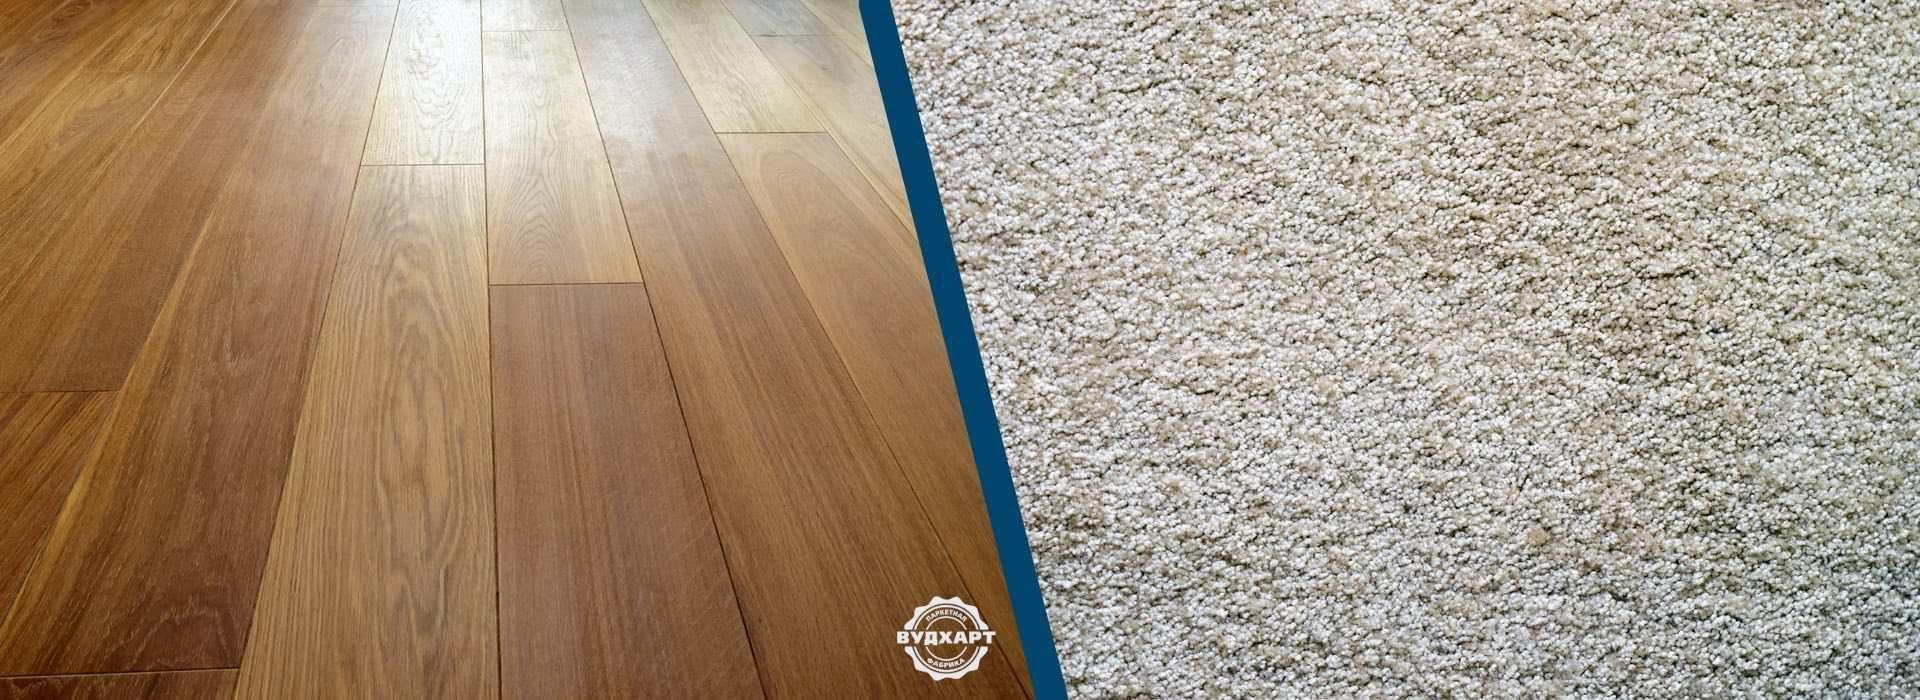 Паркетная доска против коврого покрытия